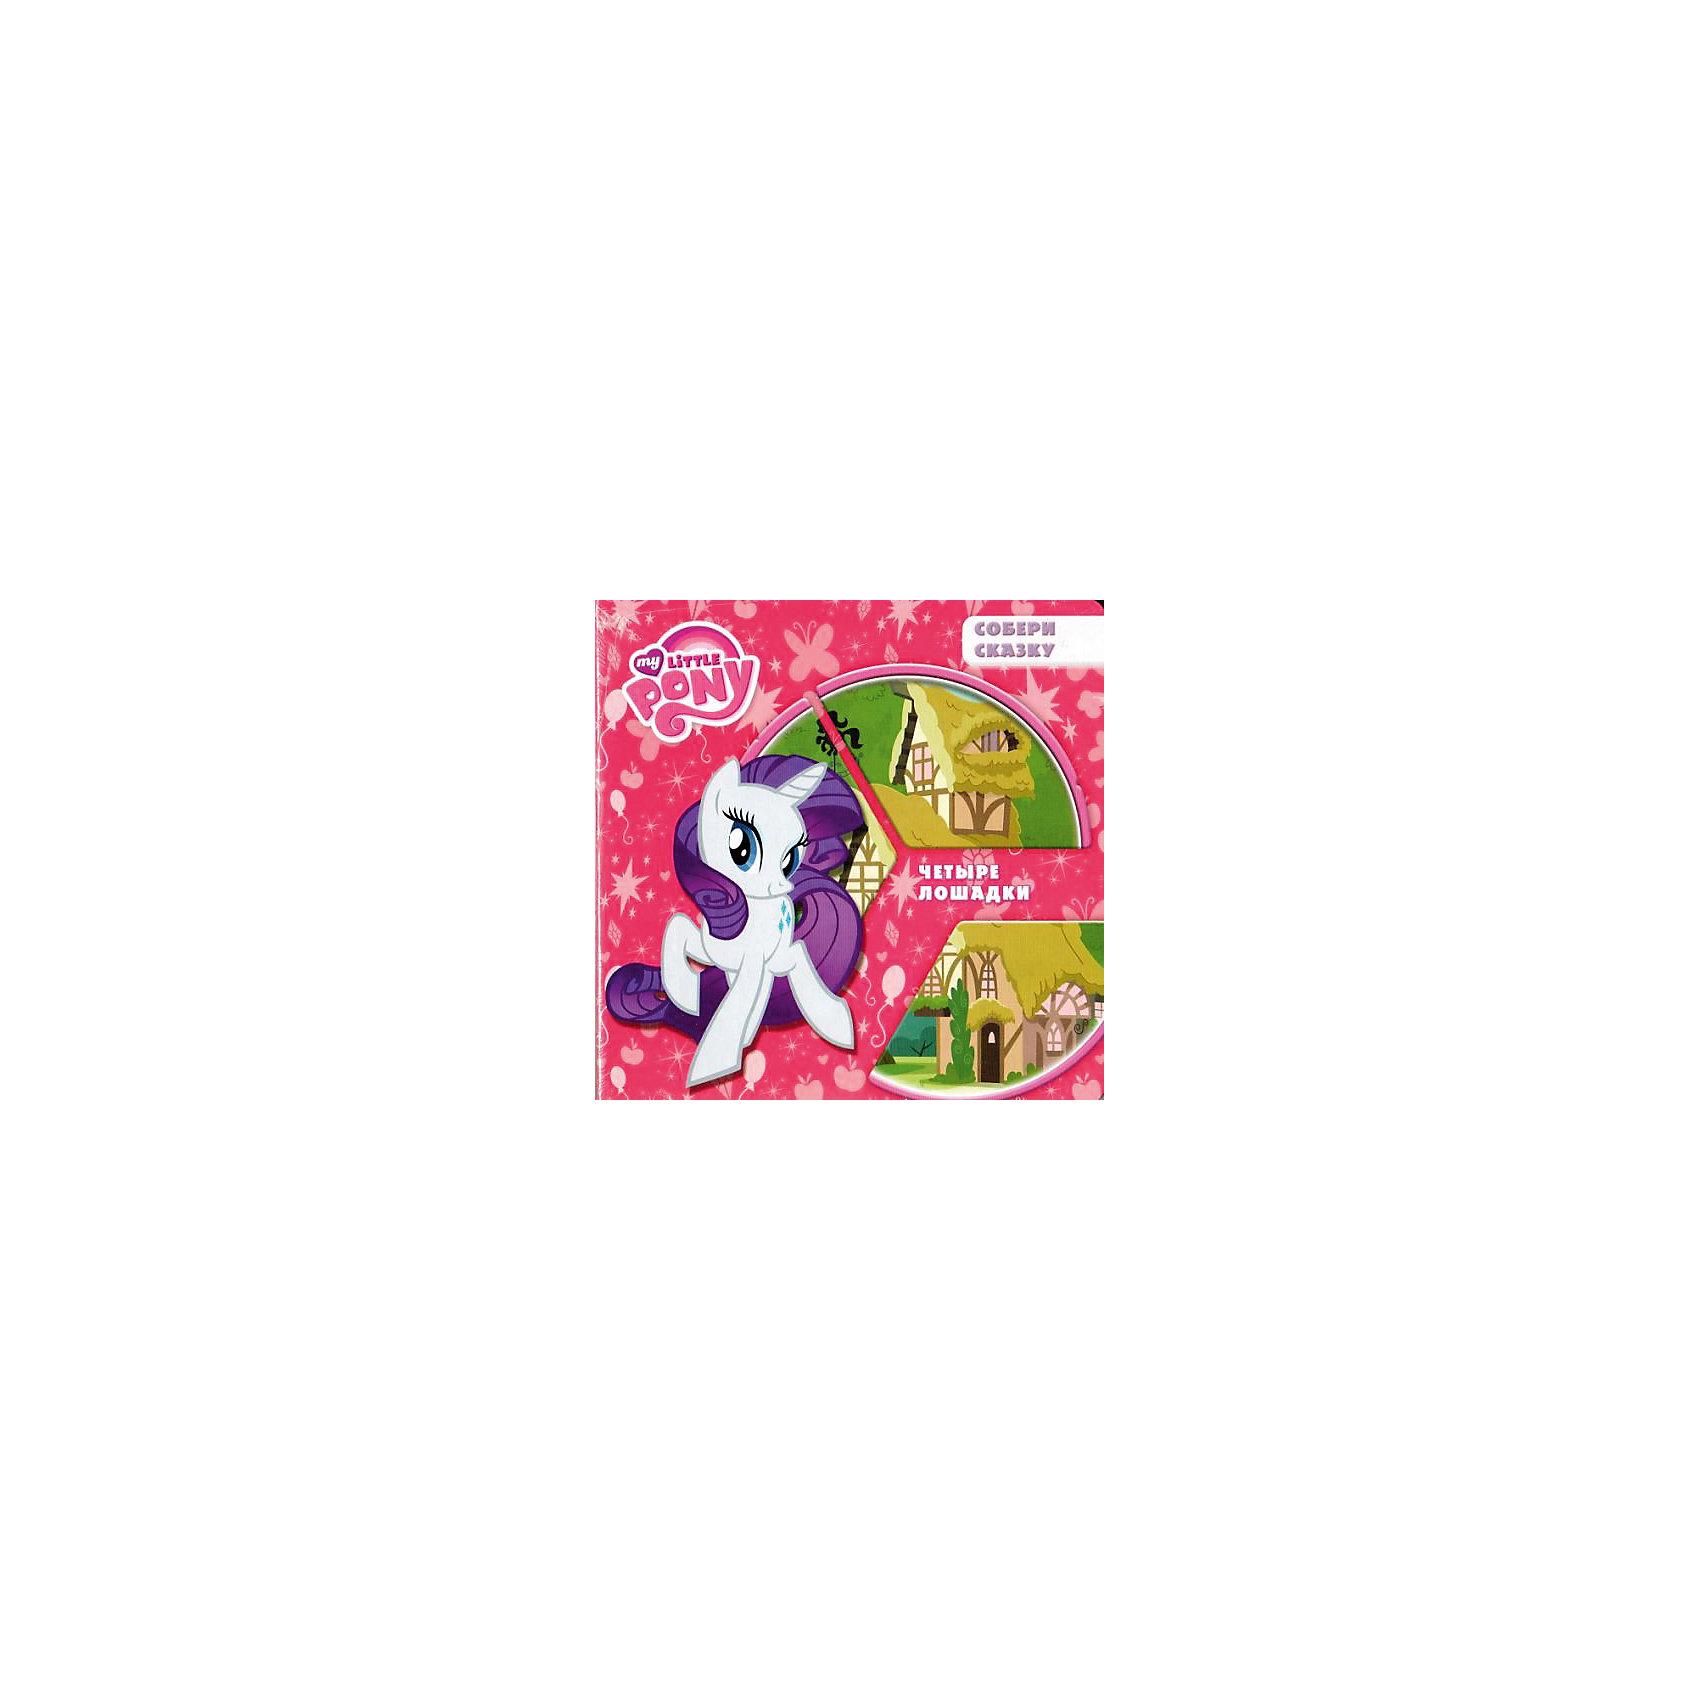 Развивающая книга Четыре лошадки, My little PonyЭта развивающая книжка с любимыми героями  My little Pony ( Моя маленькая Пони) обязательно понравится детям. Фигурные элементы картинок можно вынимать и собирать сценки из мультфильмов. Собрав все картинки, ребёнок сможет ответить на интересные вопросы по ним. Заниматься с такой книжкой невероятно интересно, к тому же она поможет развить мелкую моторику и внимание, так необходимые для дальнейшего обучения в школе. <br><br>Дополнительная информация:<br><br>- Формат: 13х16,5см.<br>- Переплет: мягкий.<br>- Иллюстрации: черно-белые, цветные.<br>- Количество страниц: 6 стр.<br>- Редактор: Баталина В.<br><br>Развивающую книгу Четыре лошадки, My little Pony (Май Литл Пони) можно купить в нашем магазине.<br><br>Ширина мм: 130<br>Глубина мм: 165<br>Высота мм: 14<br>Вес г: 297<br>Возраст от месяцев: 48<br>Возраст до месяцев: 72<br>Пол: Женский<br>Возраст: Детский<br>SKU: 4047827